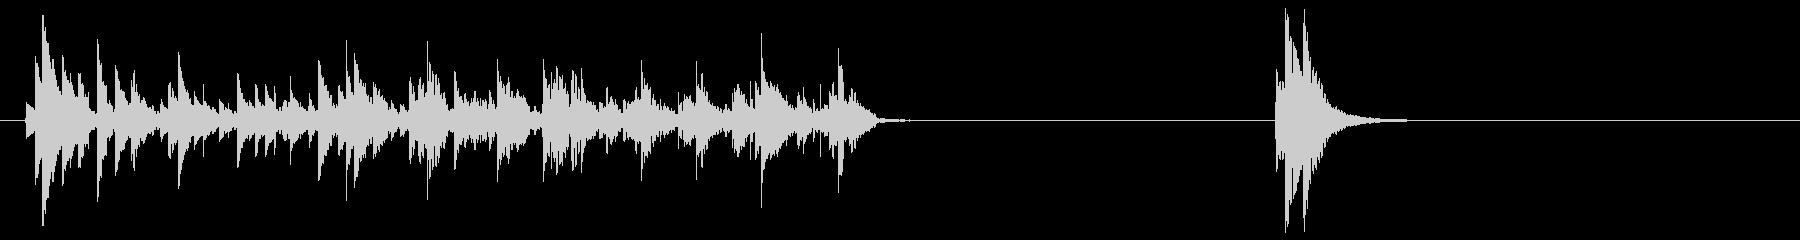 ベル-2つの効果。ミディアムピッチ...の未再生の波形